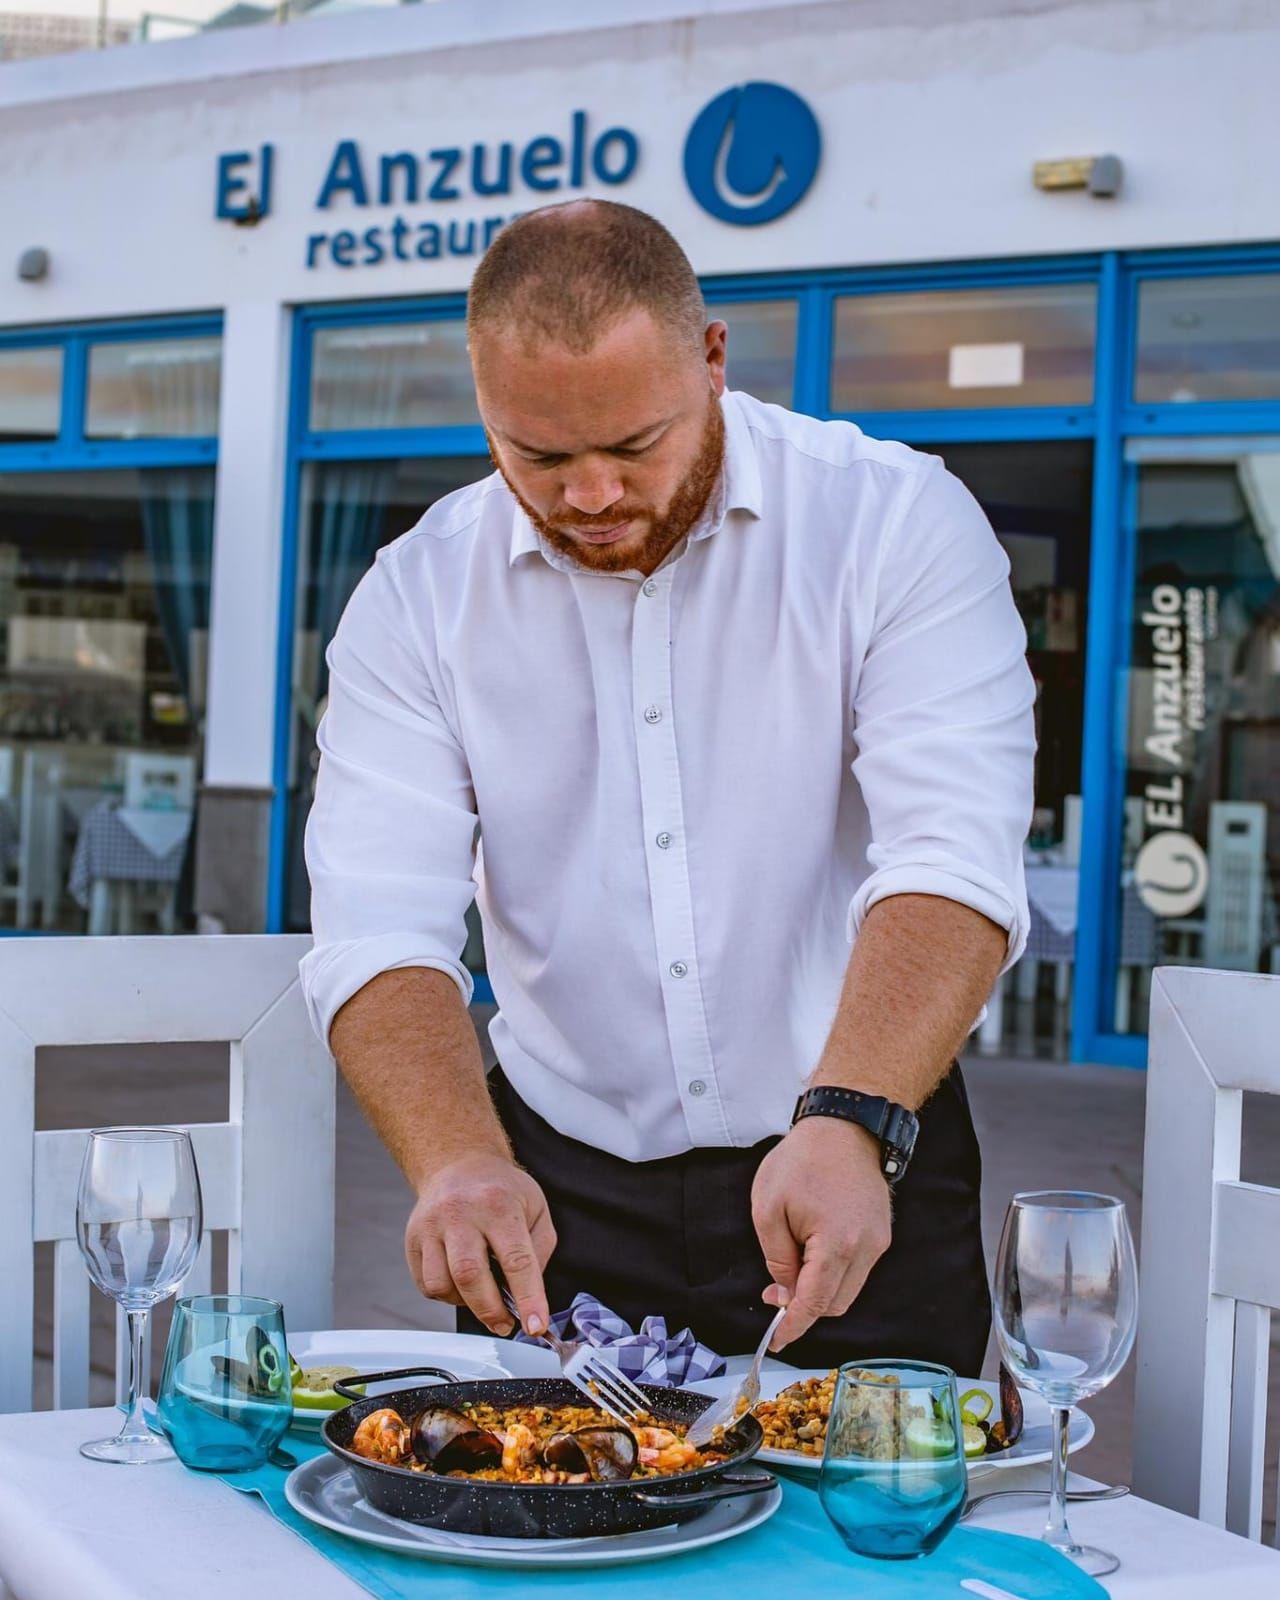 Foto 34 de Restaurante cocina canaria en  | El Anzuelo